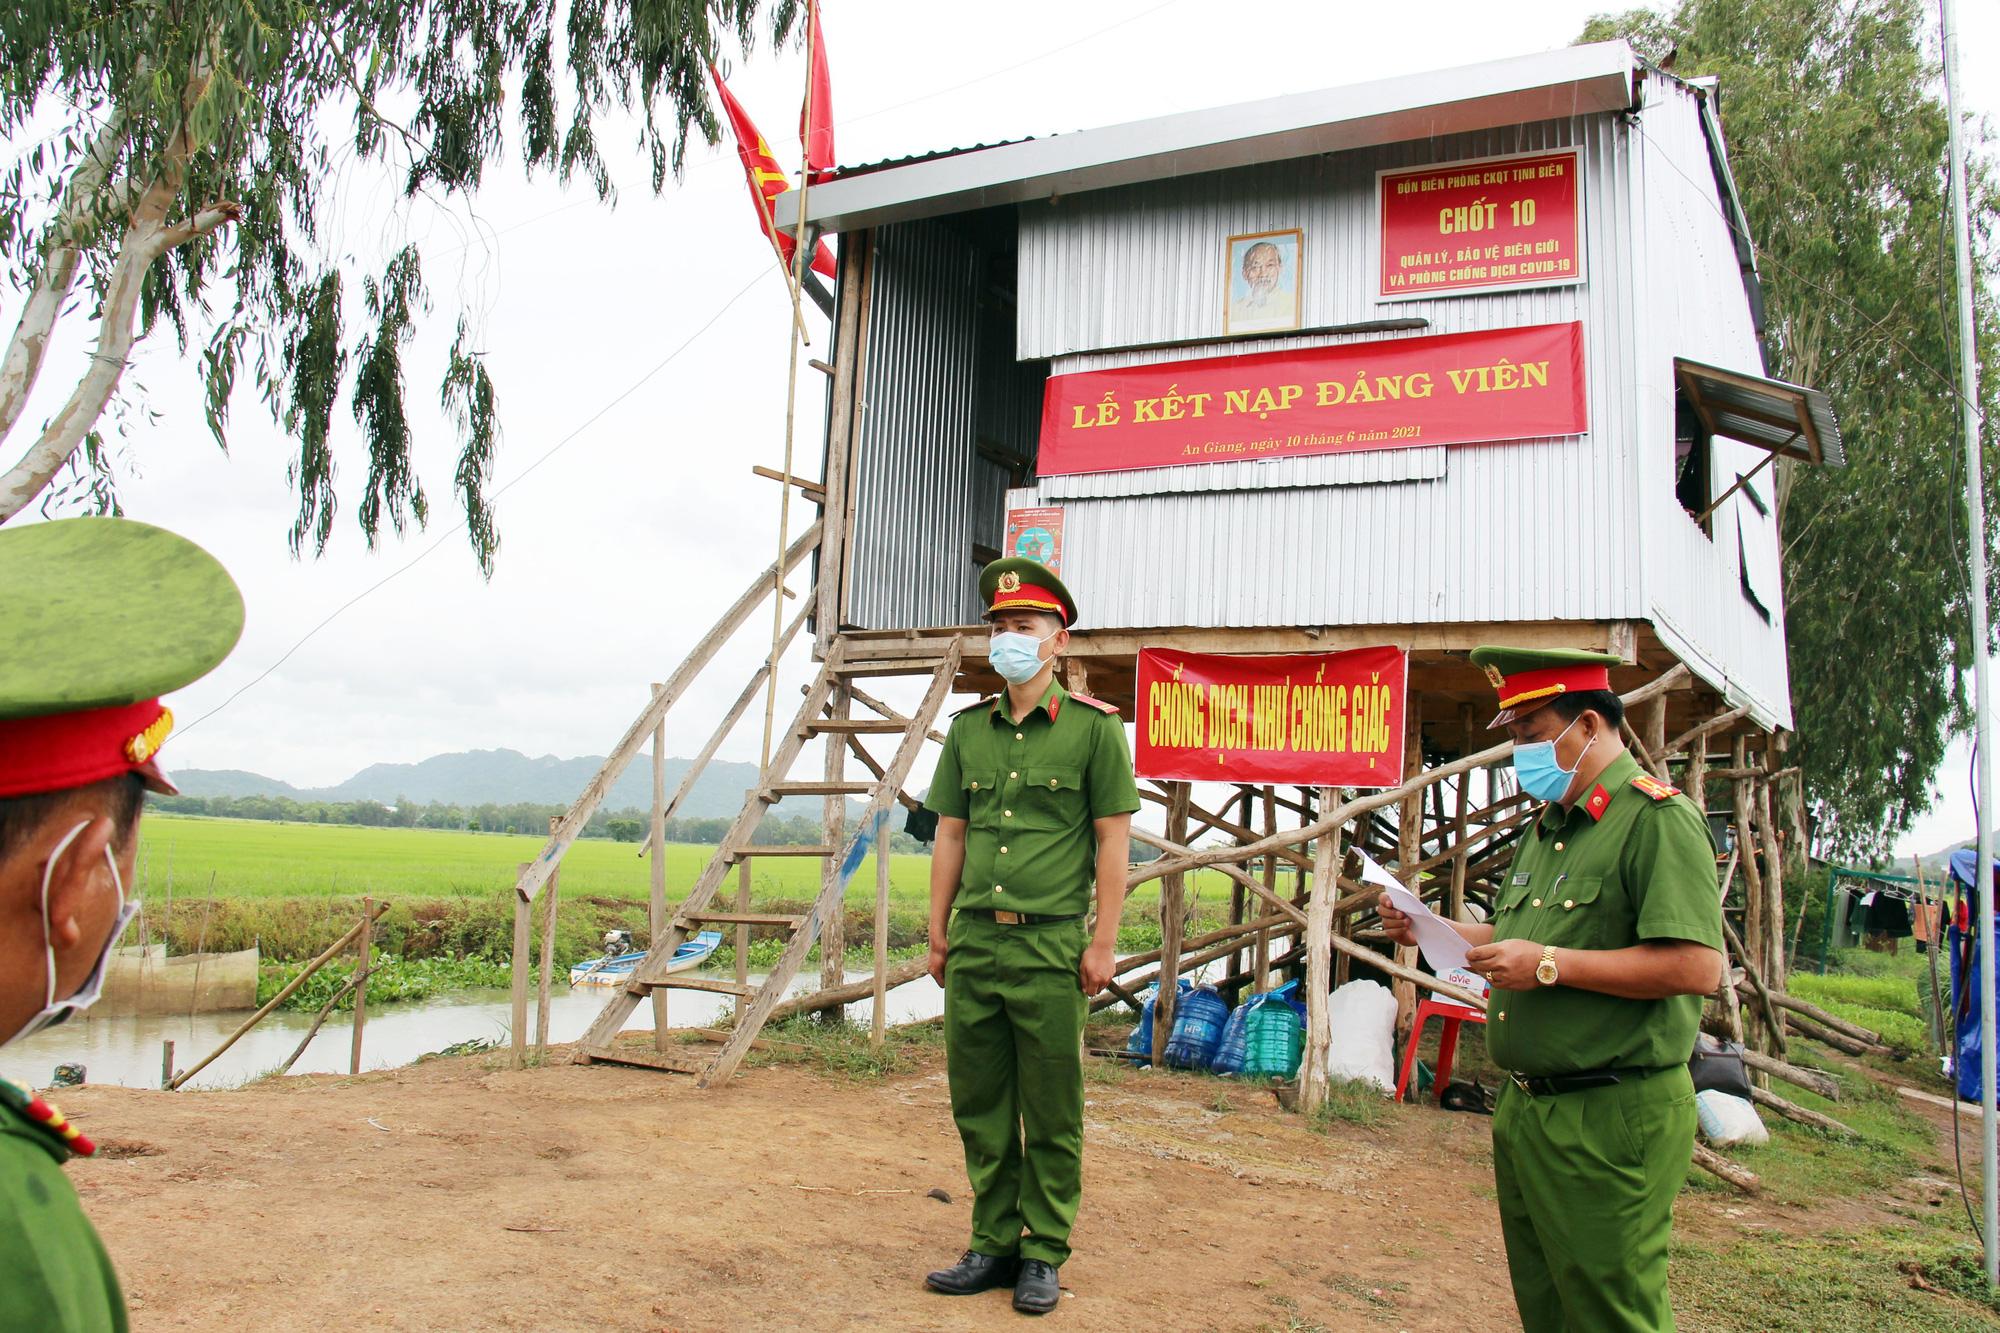 An Giang: Cán bộ chiến sĩ nhận quân hàm và kết nạp Đảng tại chốt phòng, chống dịch trên tuyến biên giới - Ảnh 2.